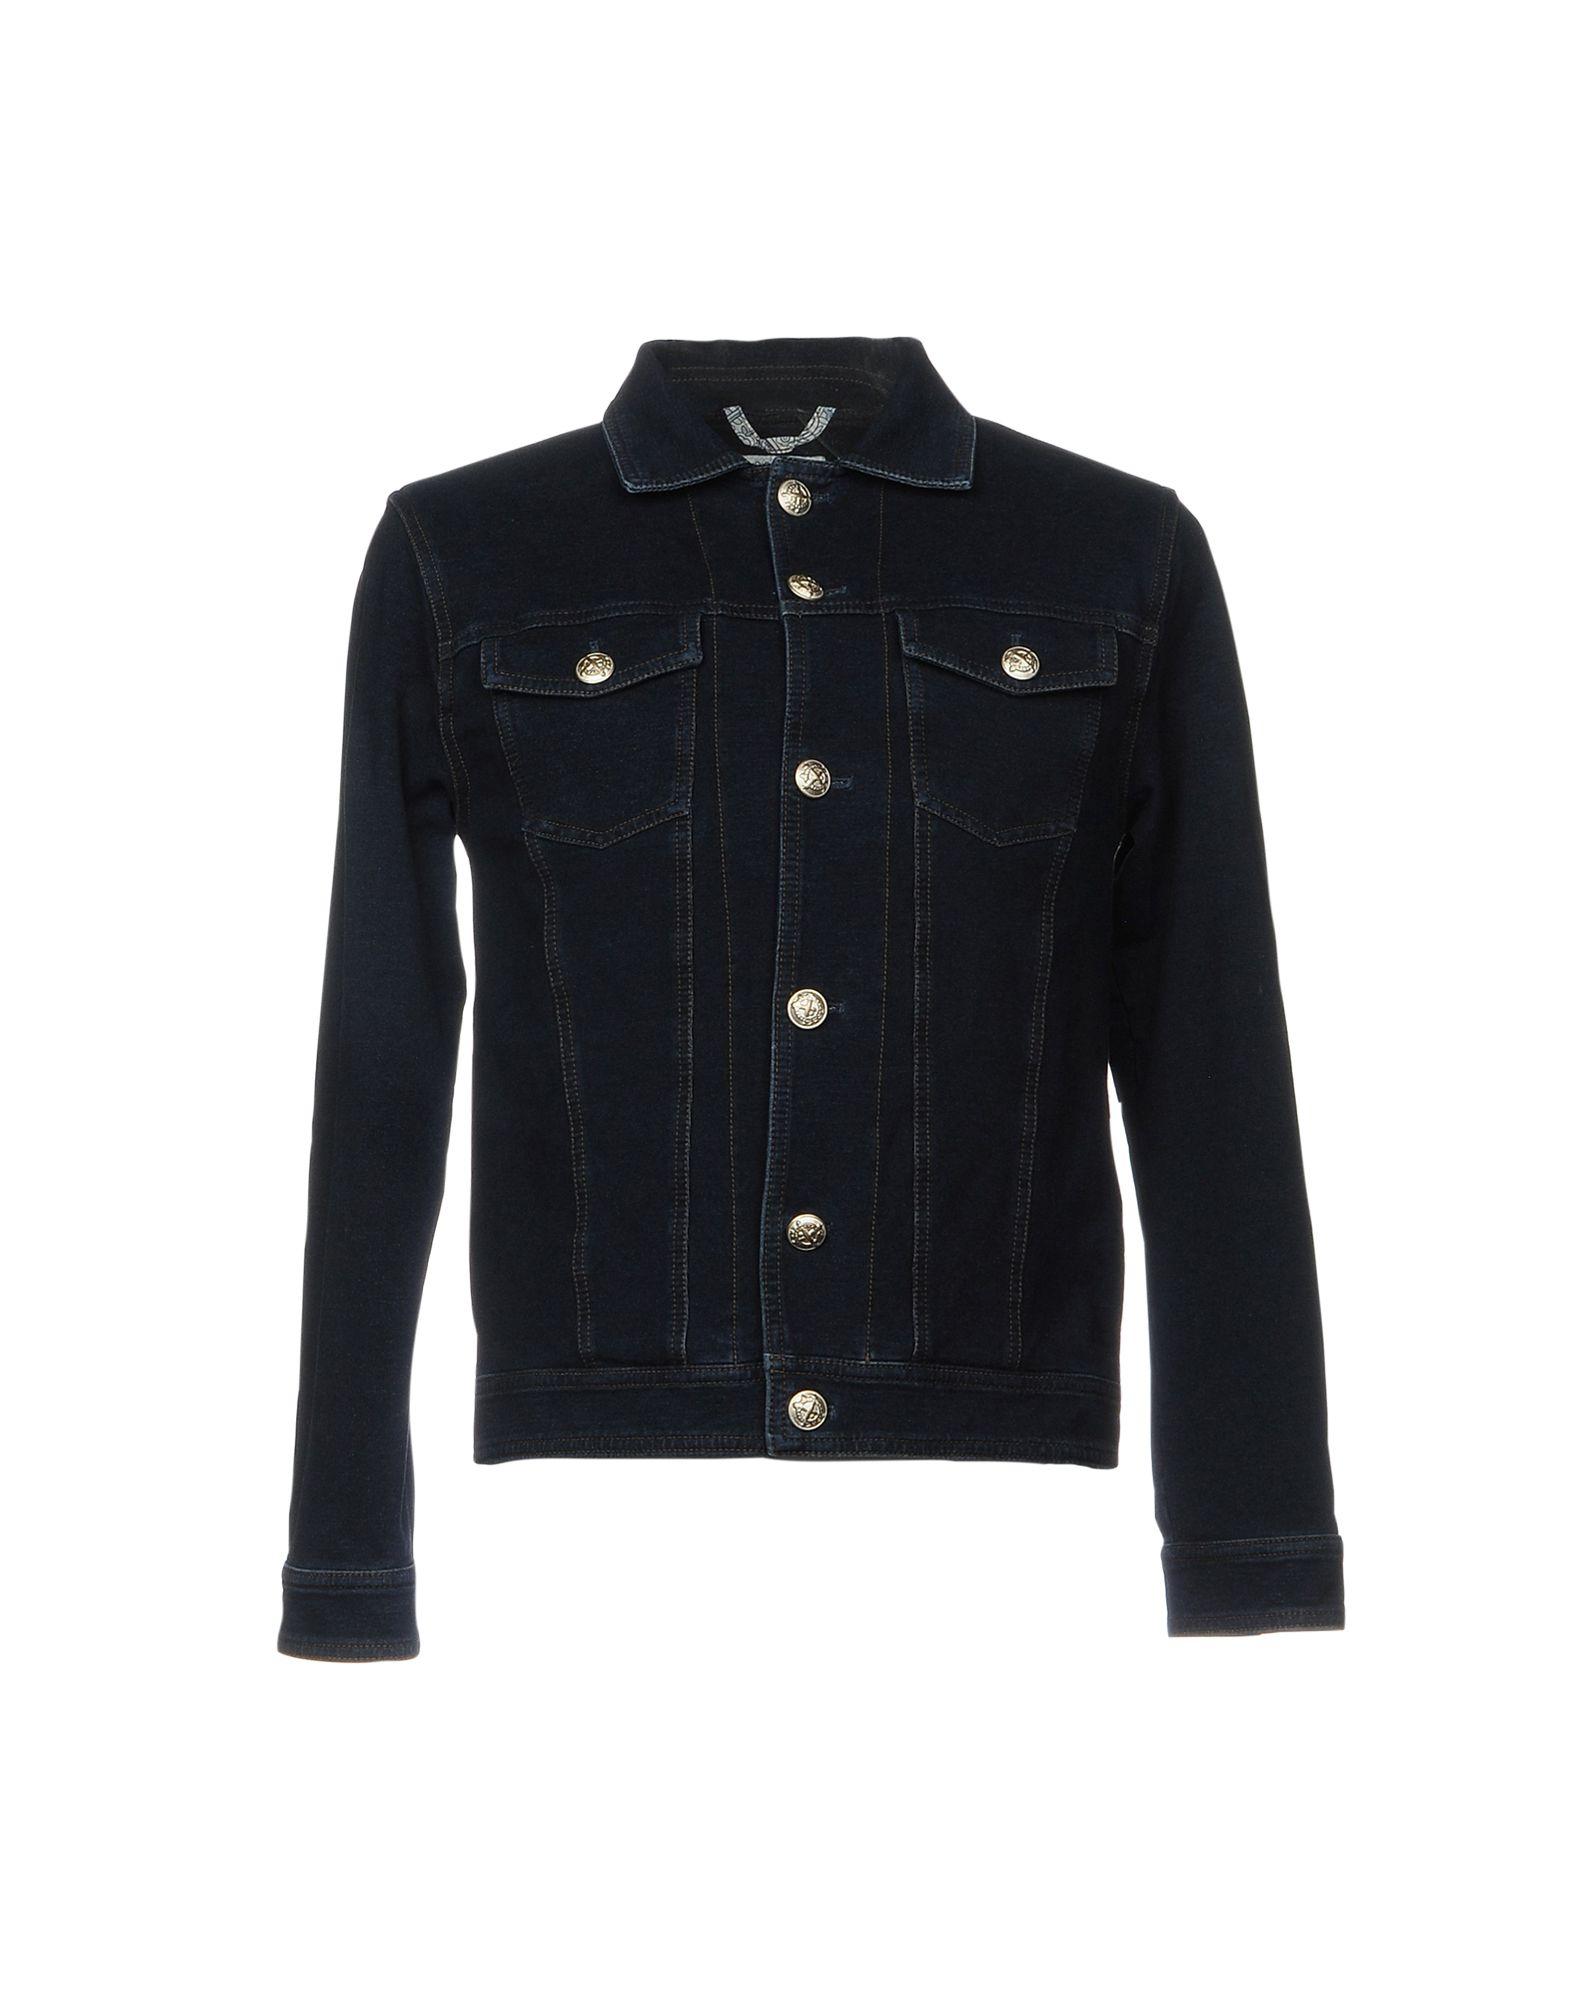 CIRCOLO 1901 Джинсовая верхняя одежда верхняя одежда